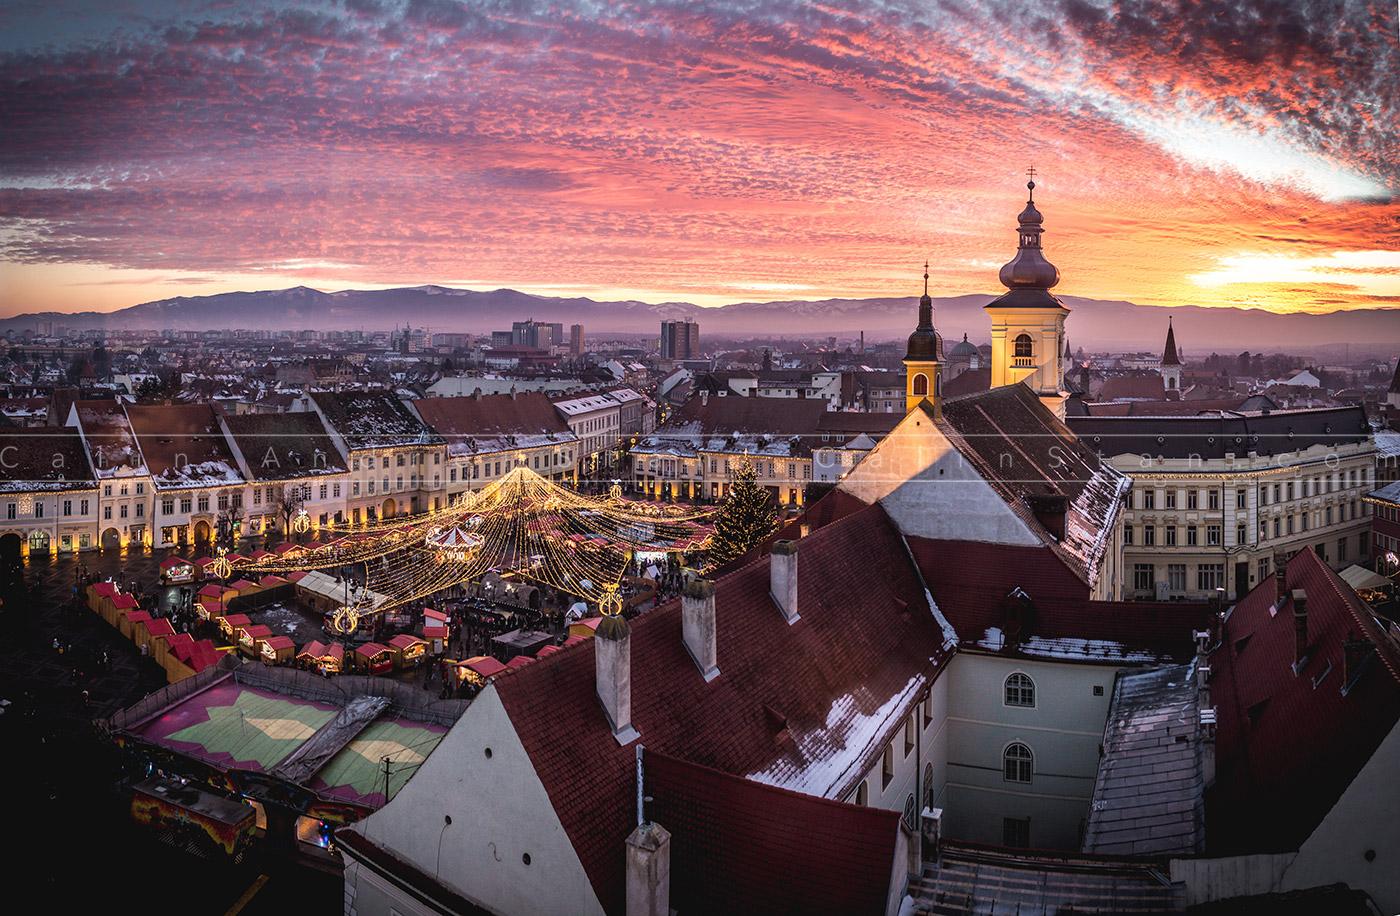 Sibiu, Decembrie 2016